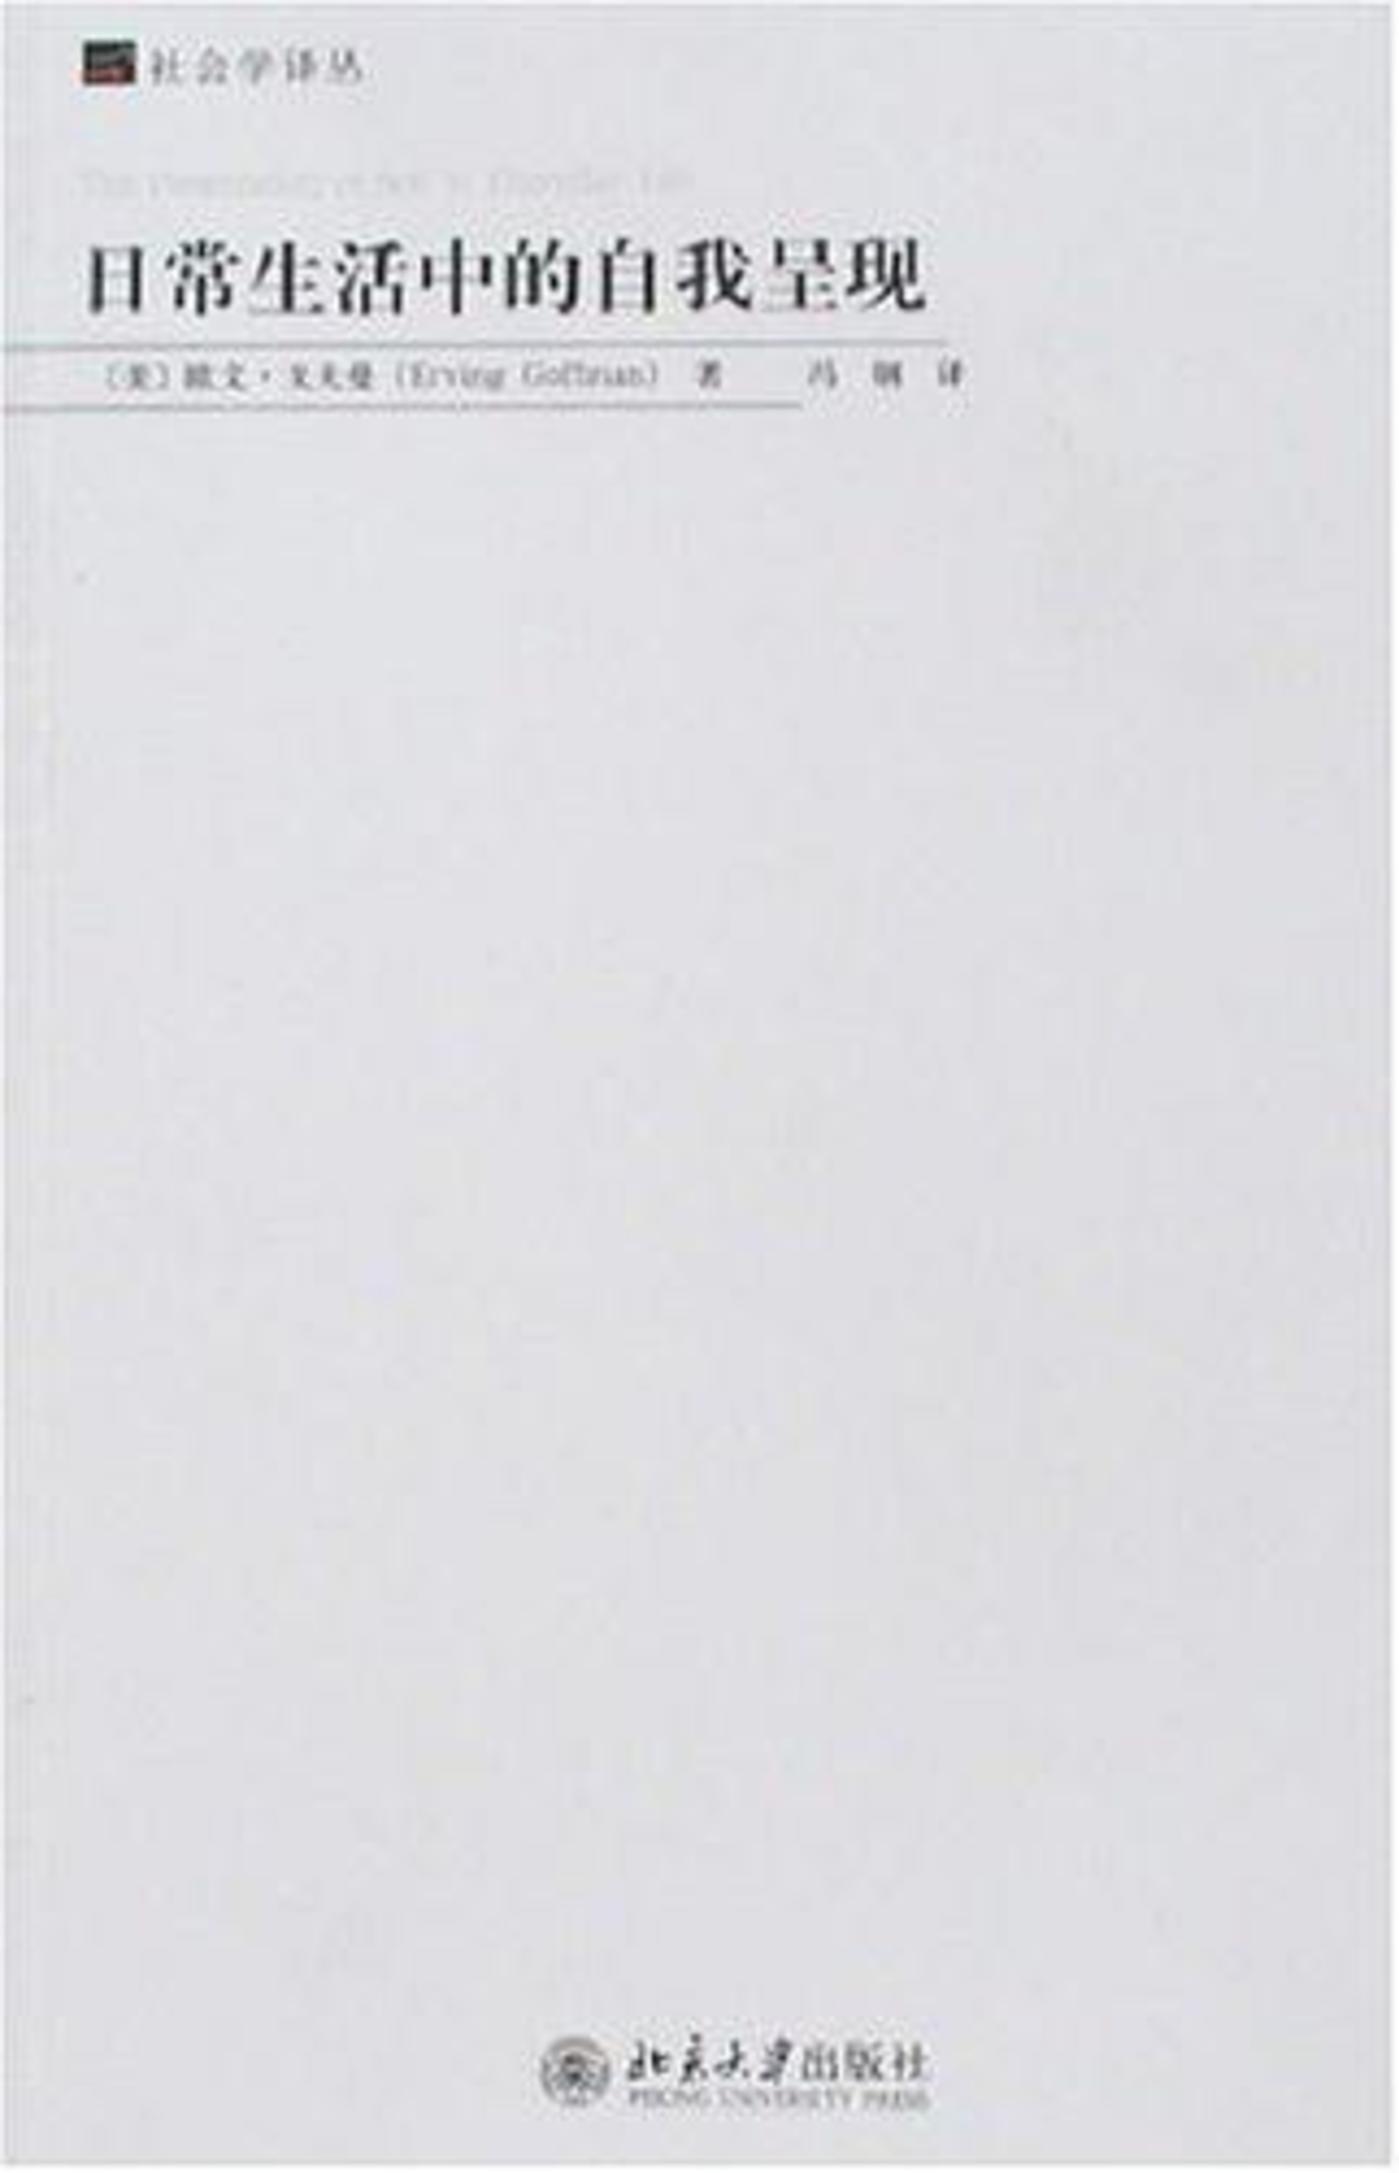 《日常生活中的自我呈现》 [美] 欧文·戈夫曼 著  冯钢 译 北京大学出版社 / 2008